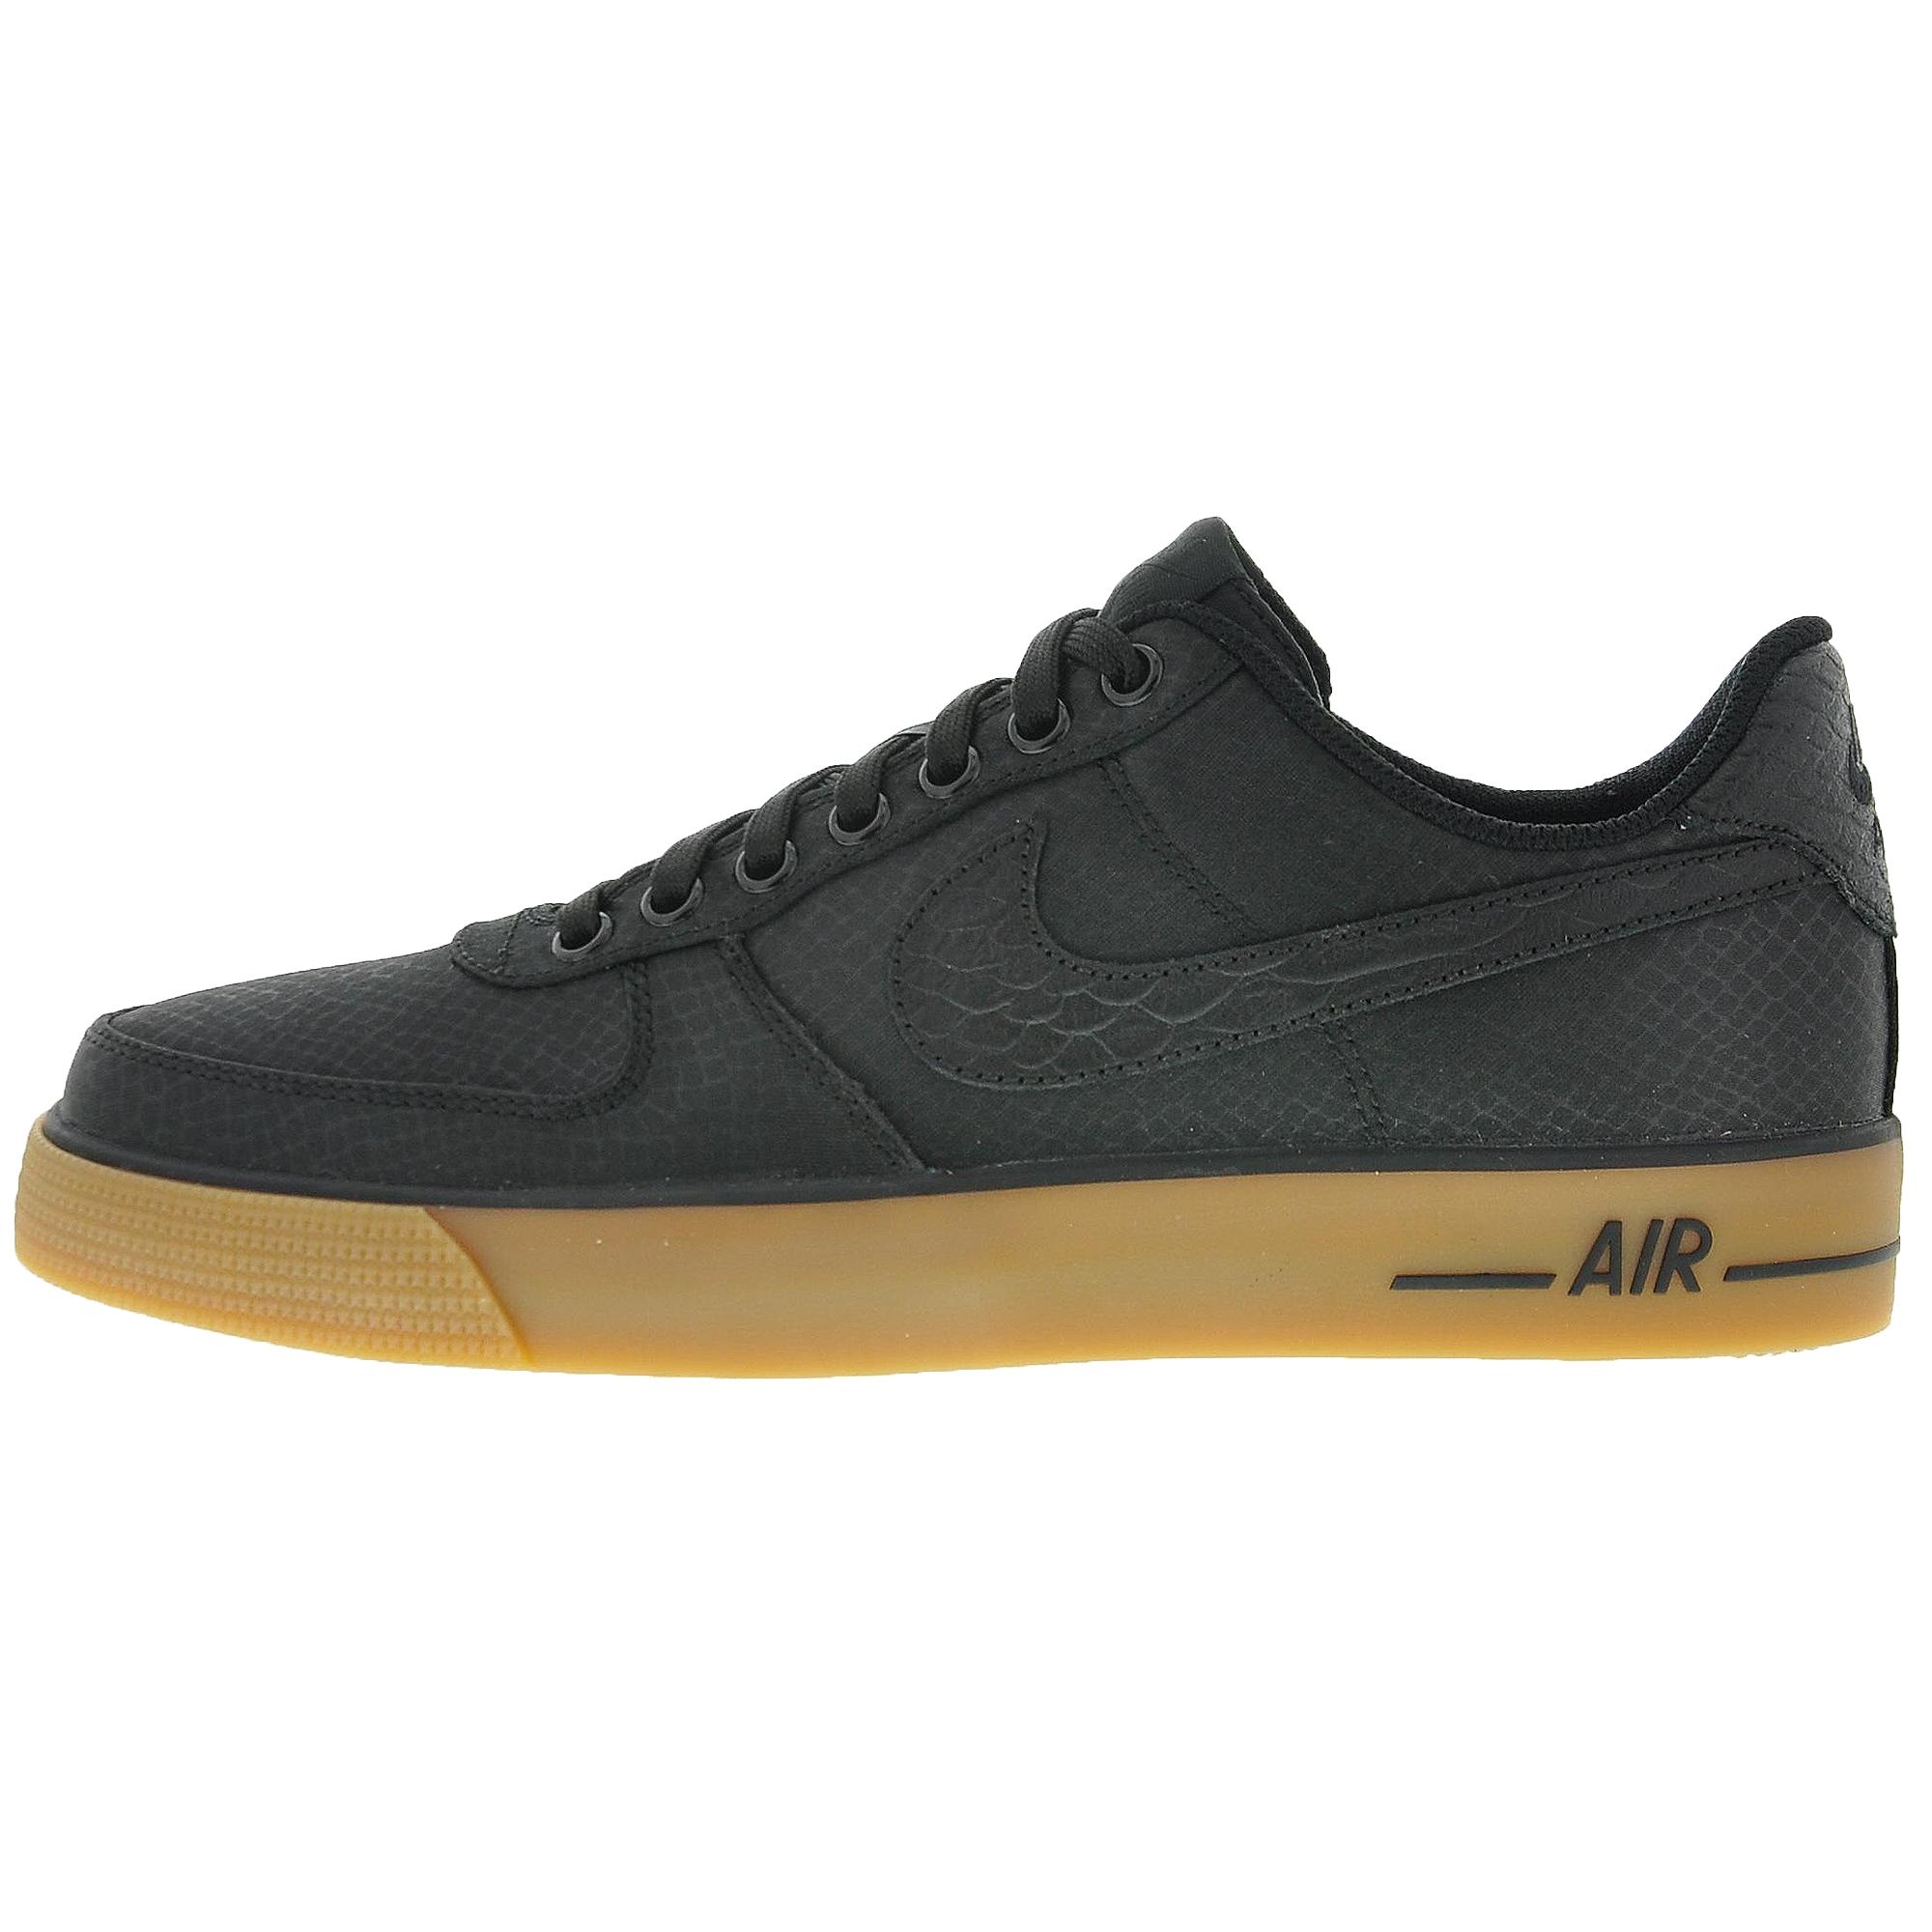 promo code 169d4 d4213 Nike Air Force 1 Ac Spor Ayakkabı